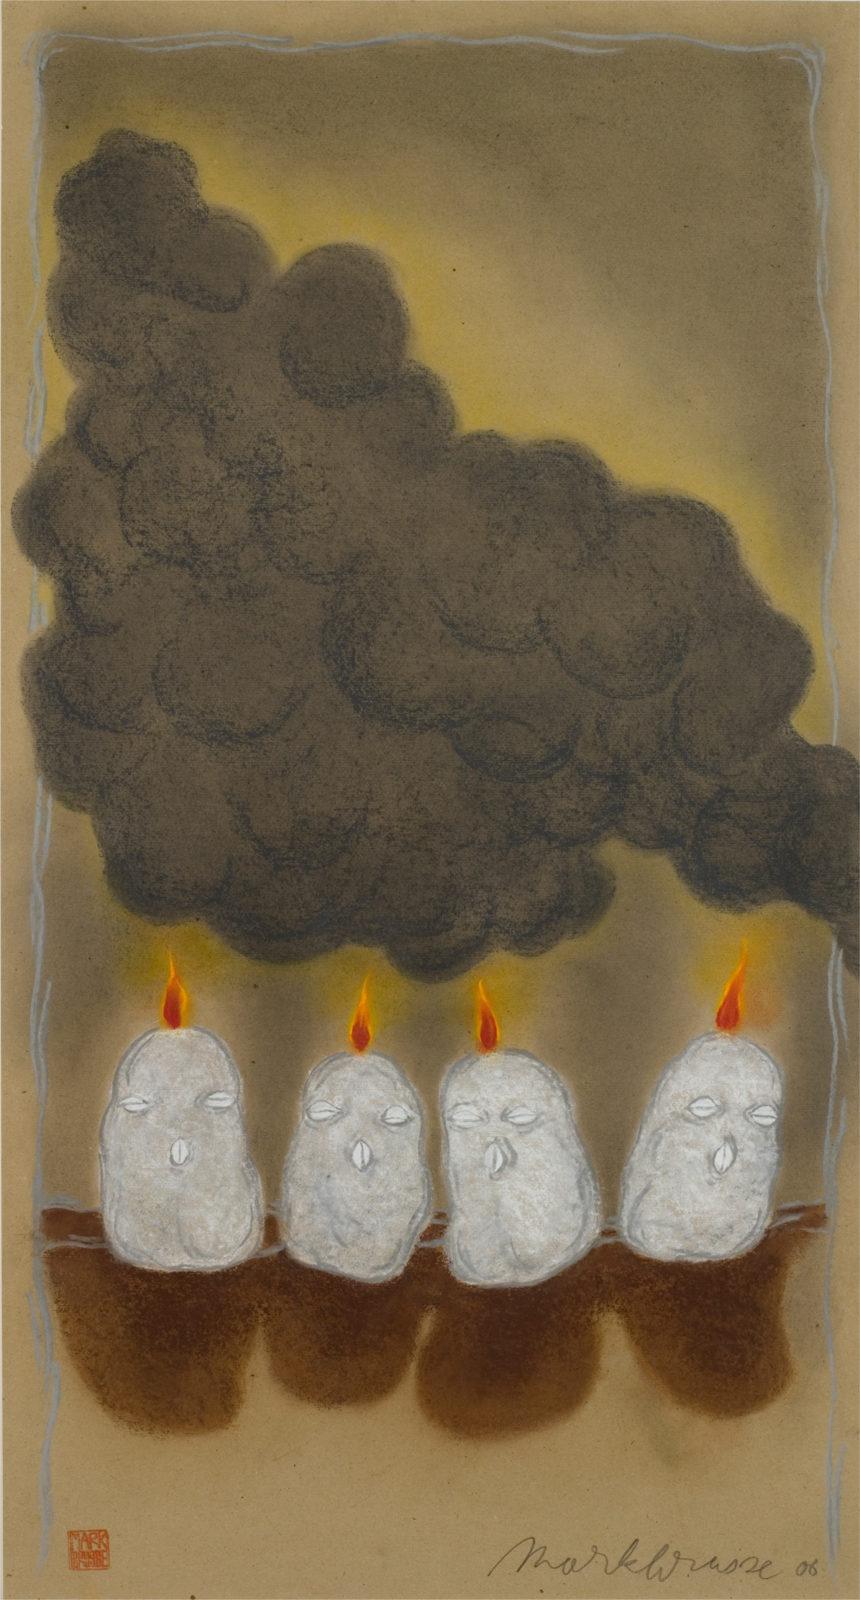 Galerie Louis Carré & Cie : Mark Brusse